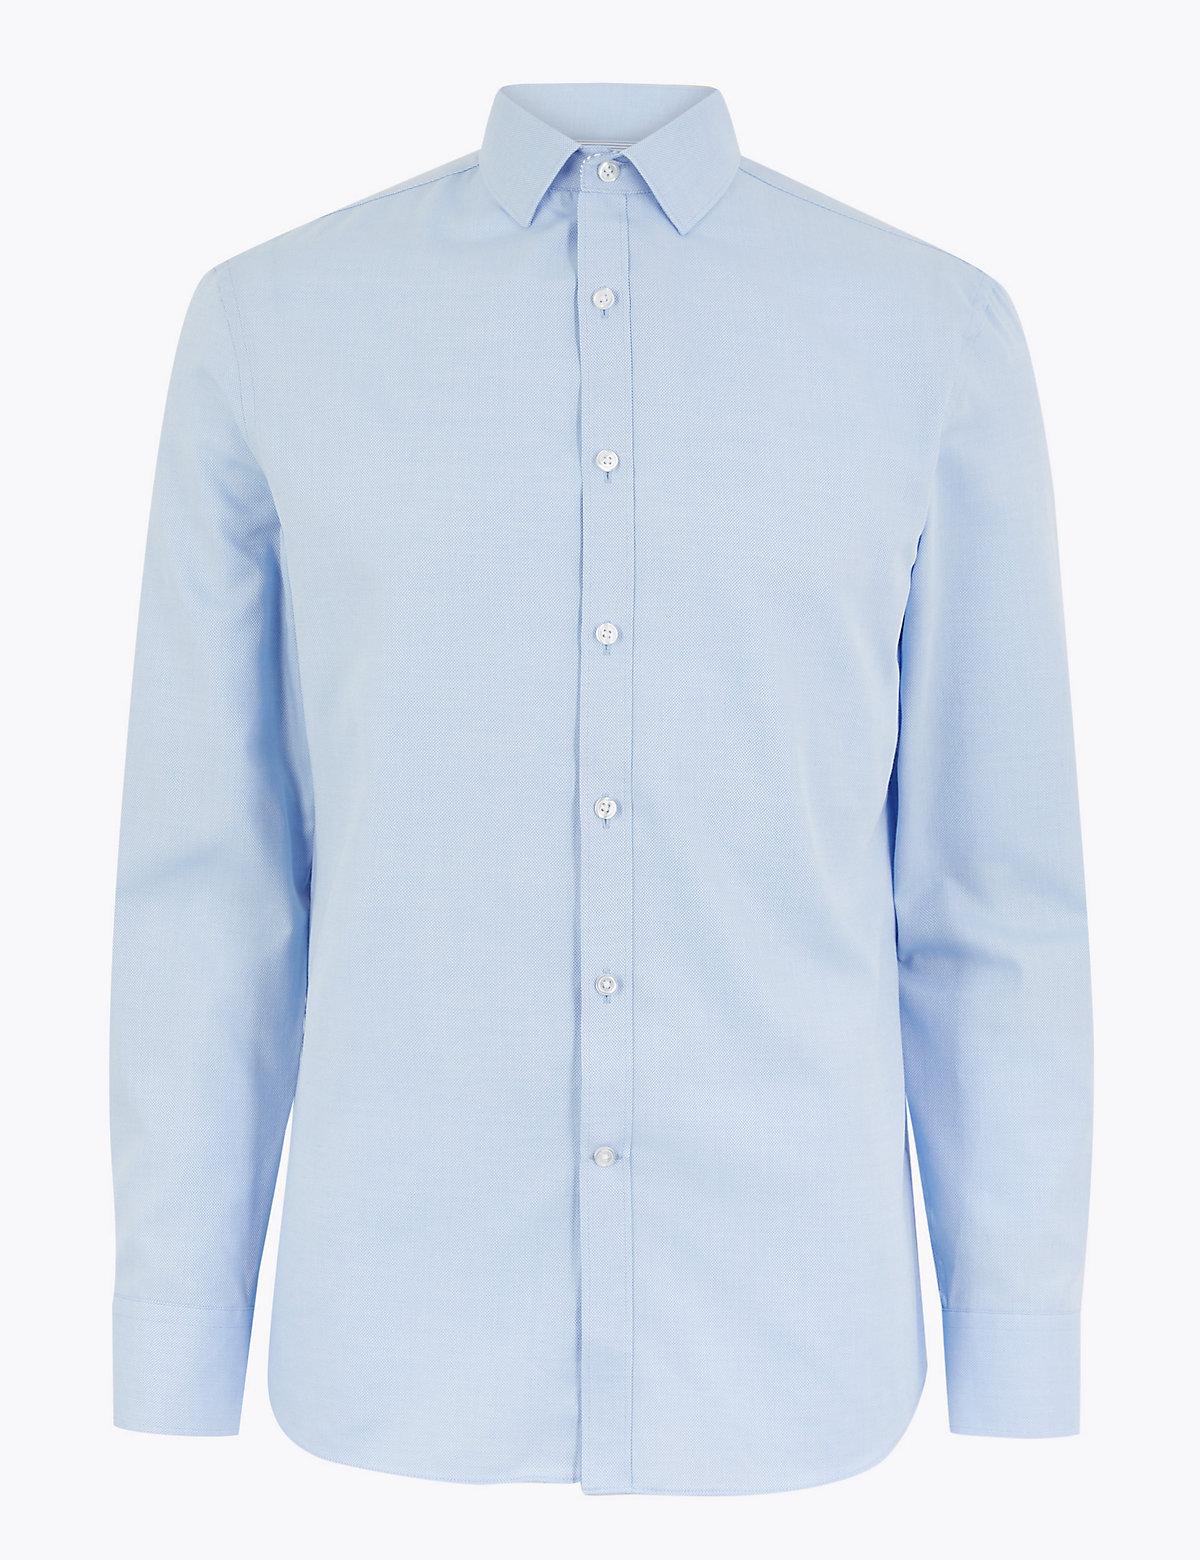 Узкая мужская рубашка с обработкой Easy Iron